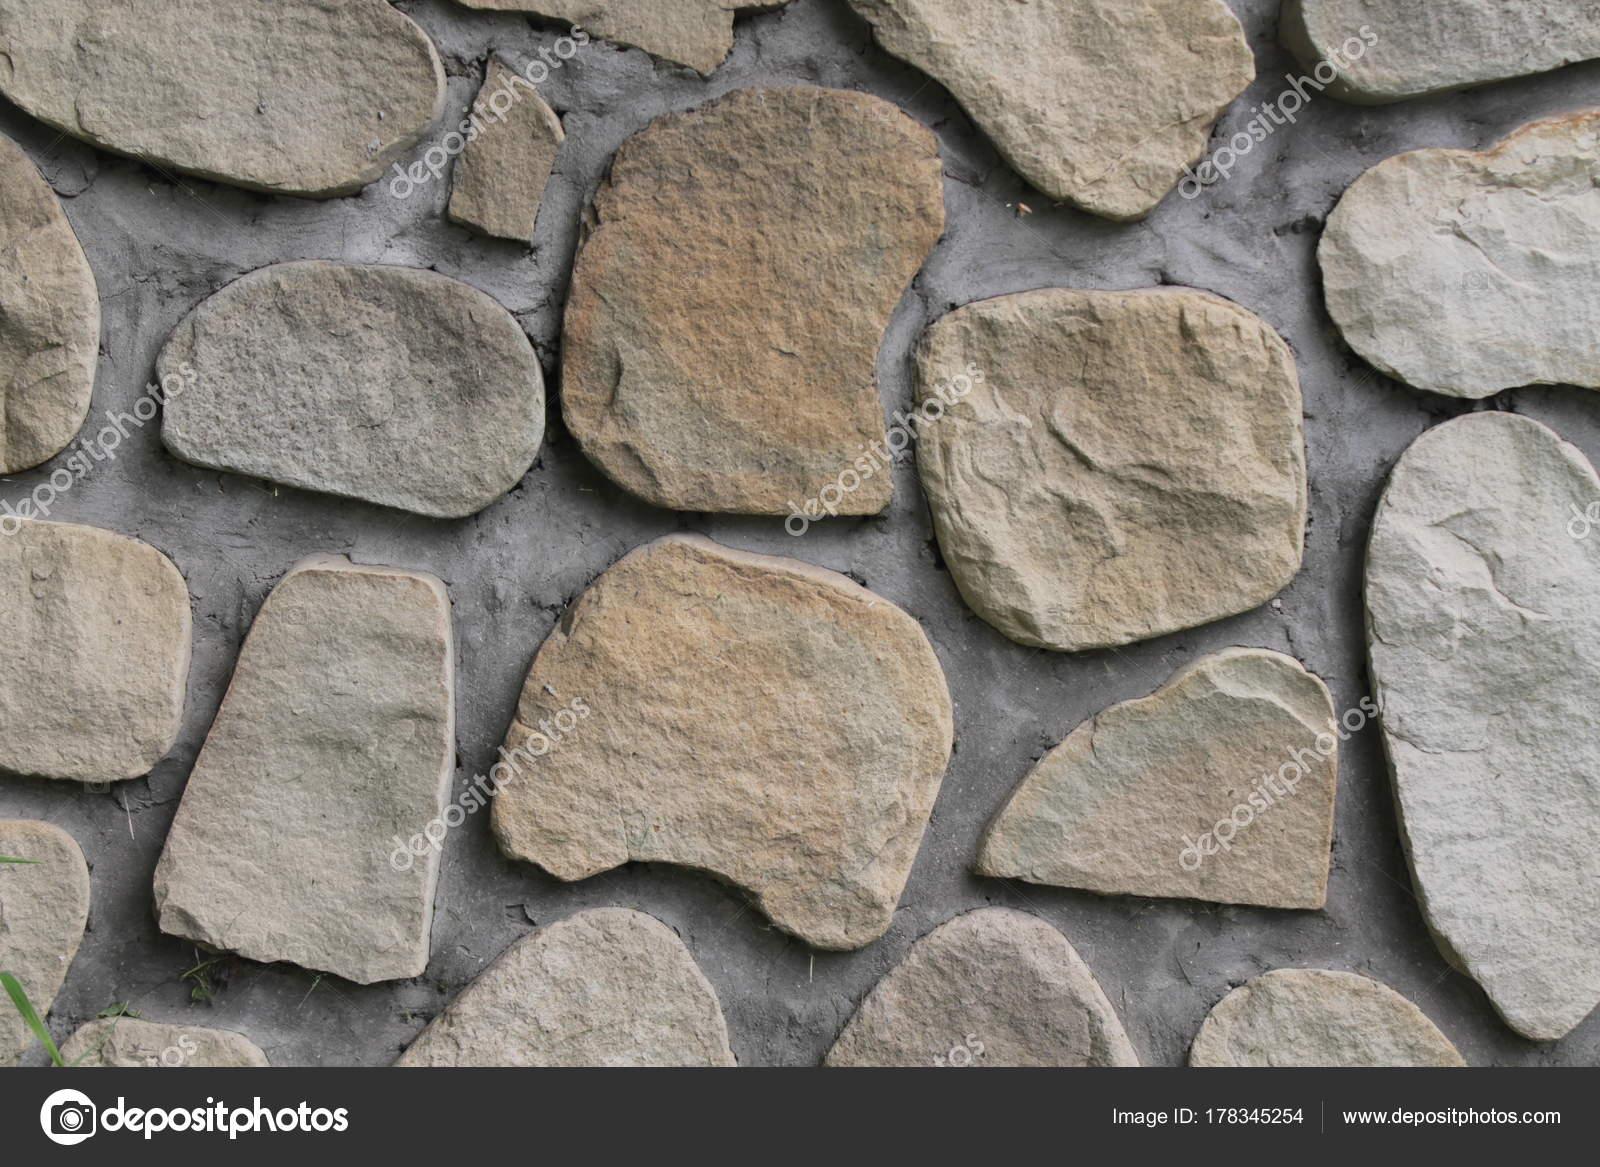 big rock mehrere würfel. eine mauer bauen — stockfoto © didi_my_name